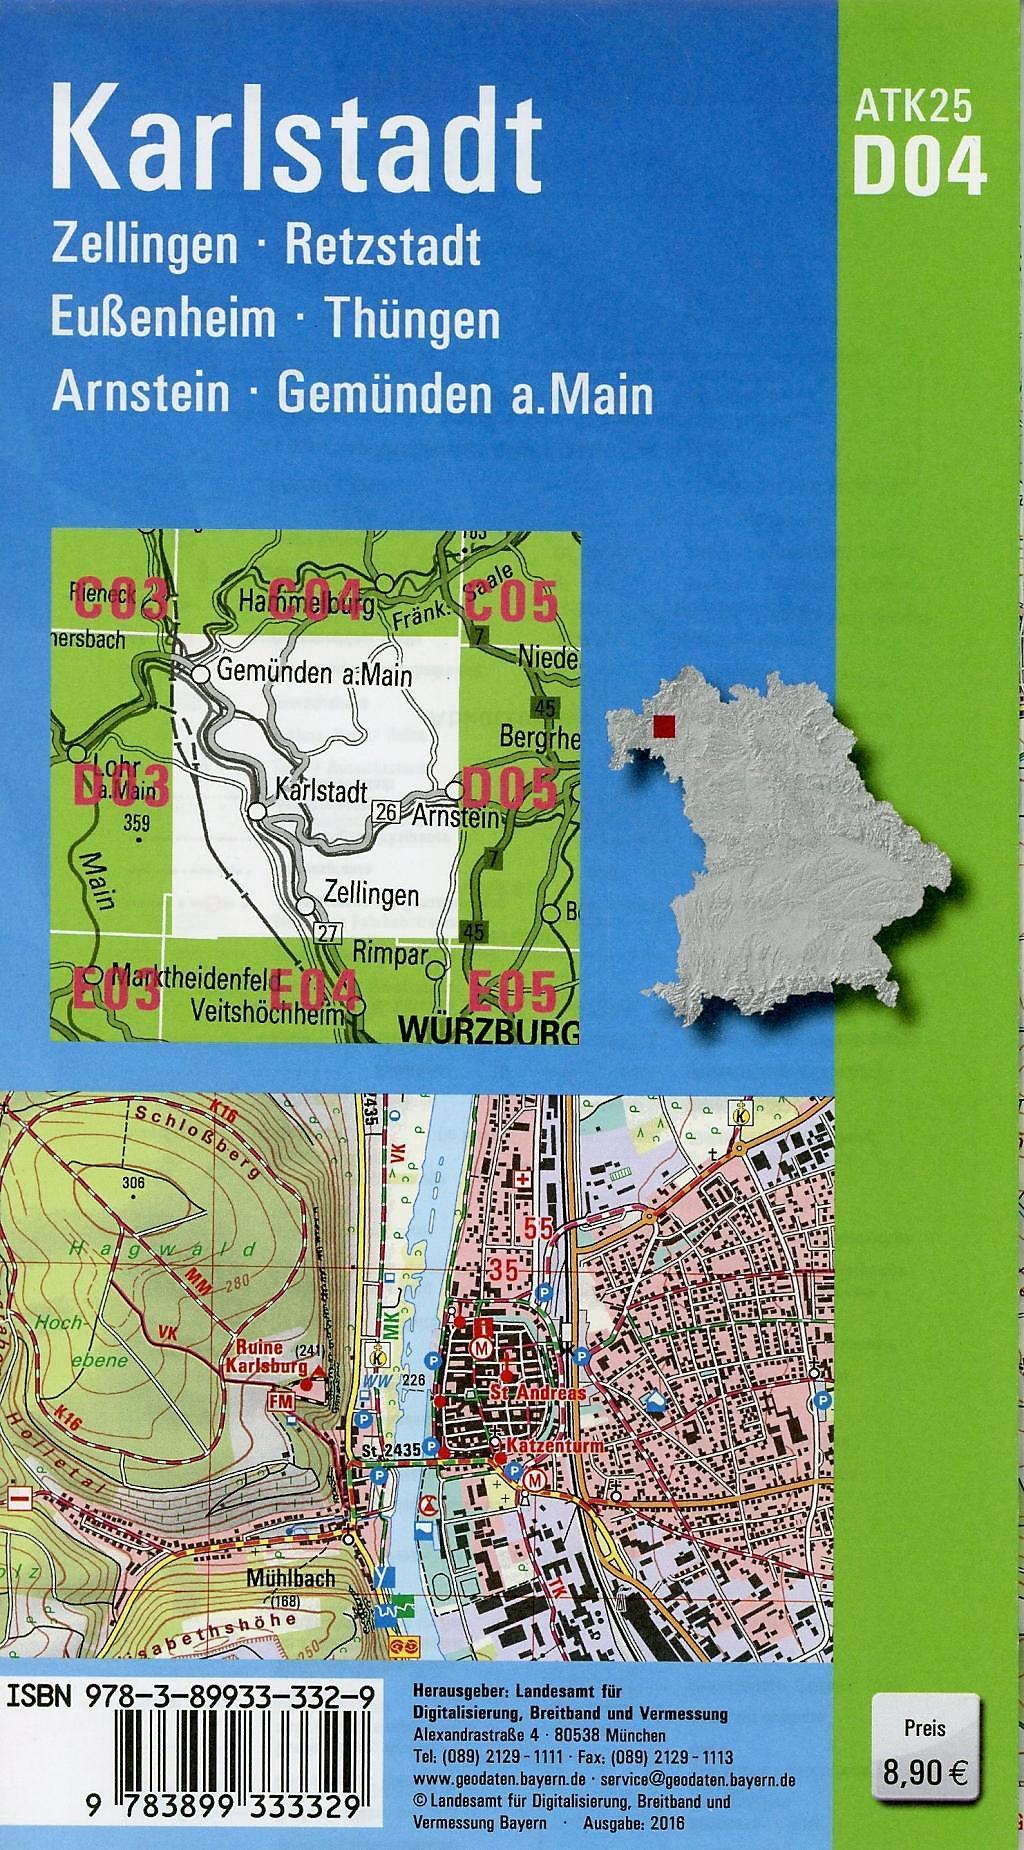 Topographische Karte Bayern.Amtliche Topographische Karte Bayern Karlstadt Buch Weltbild De